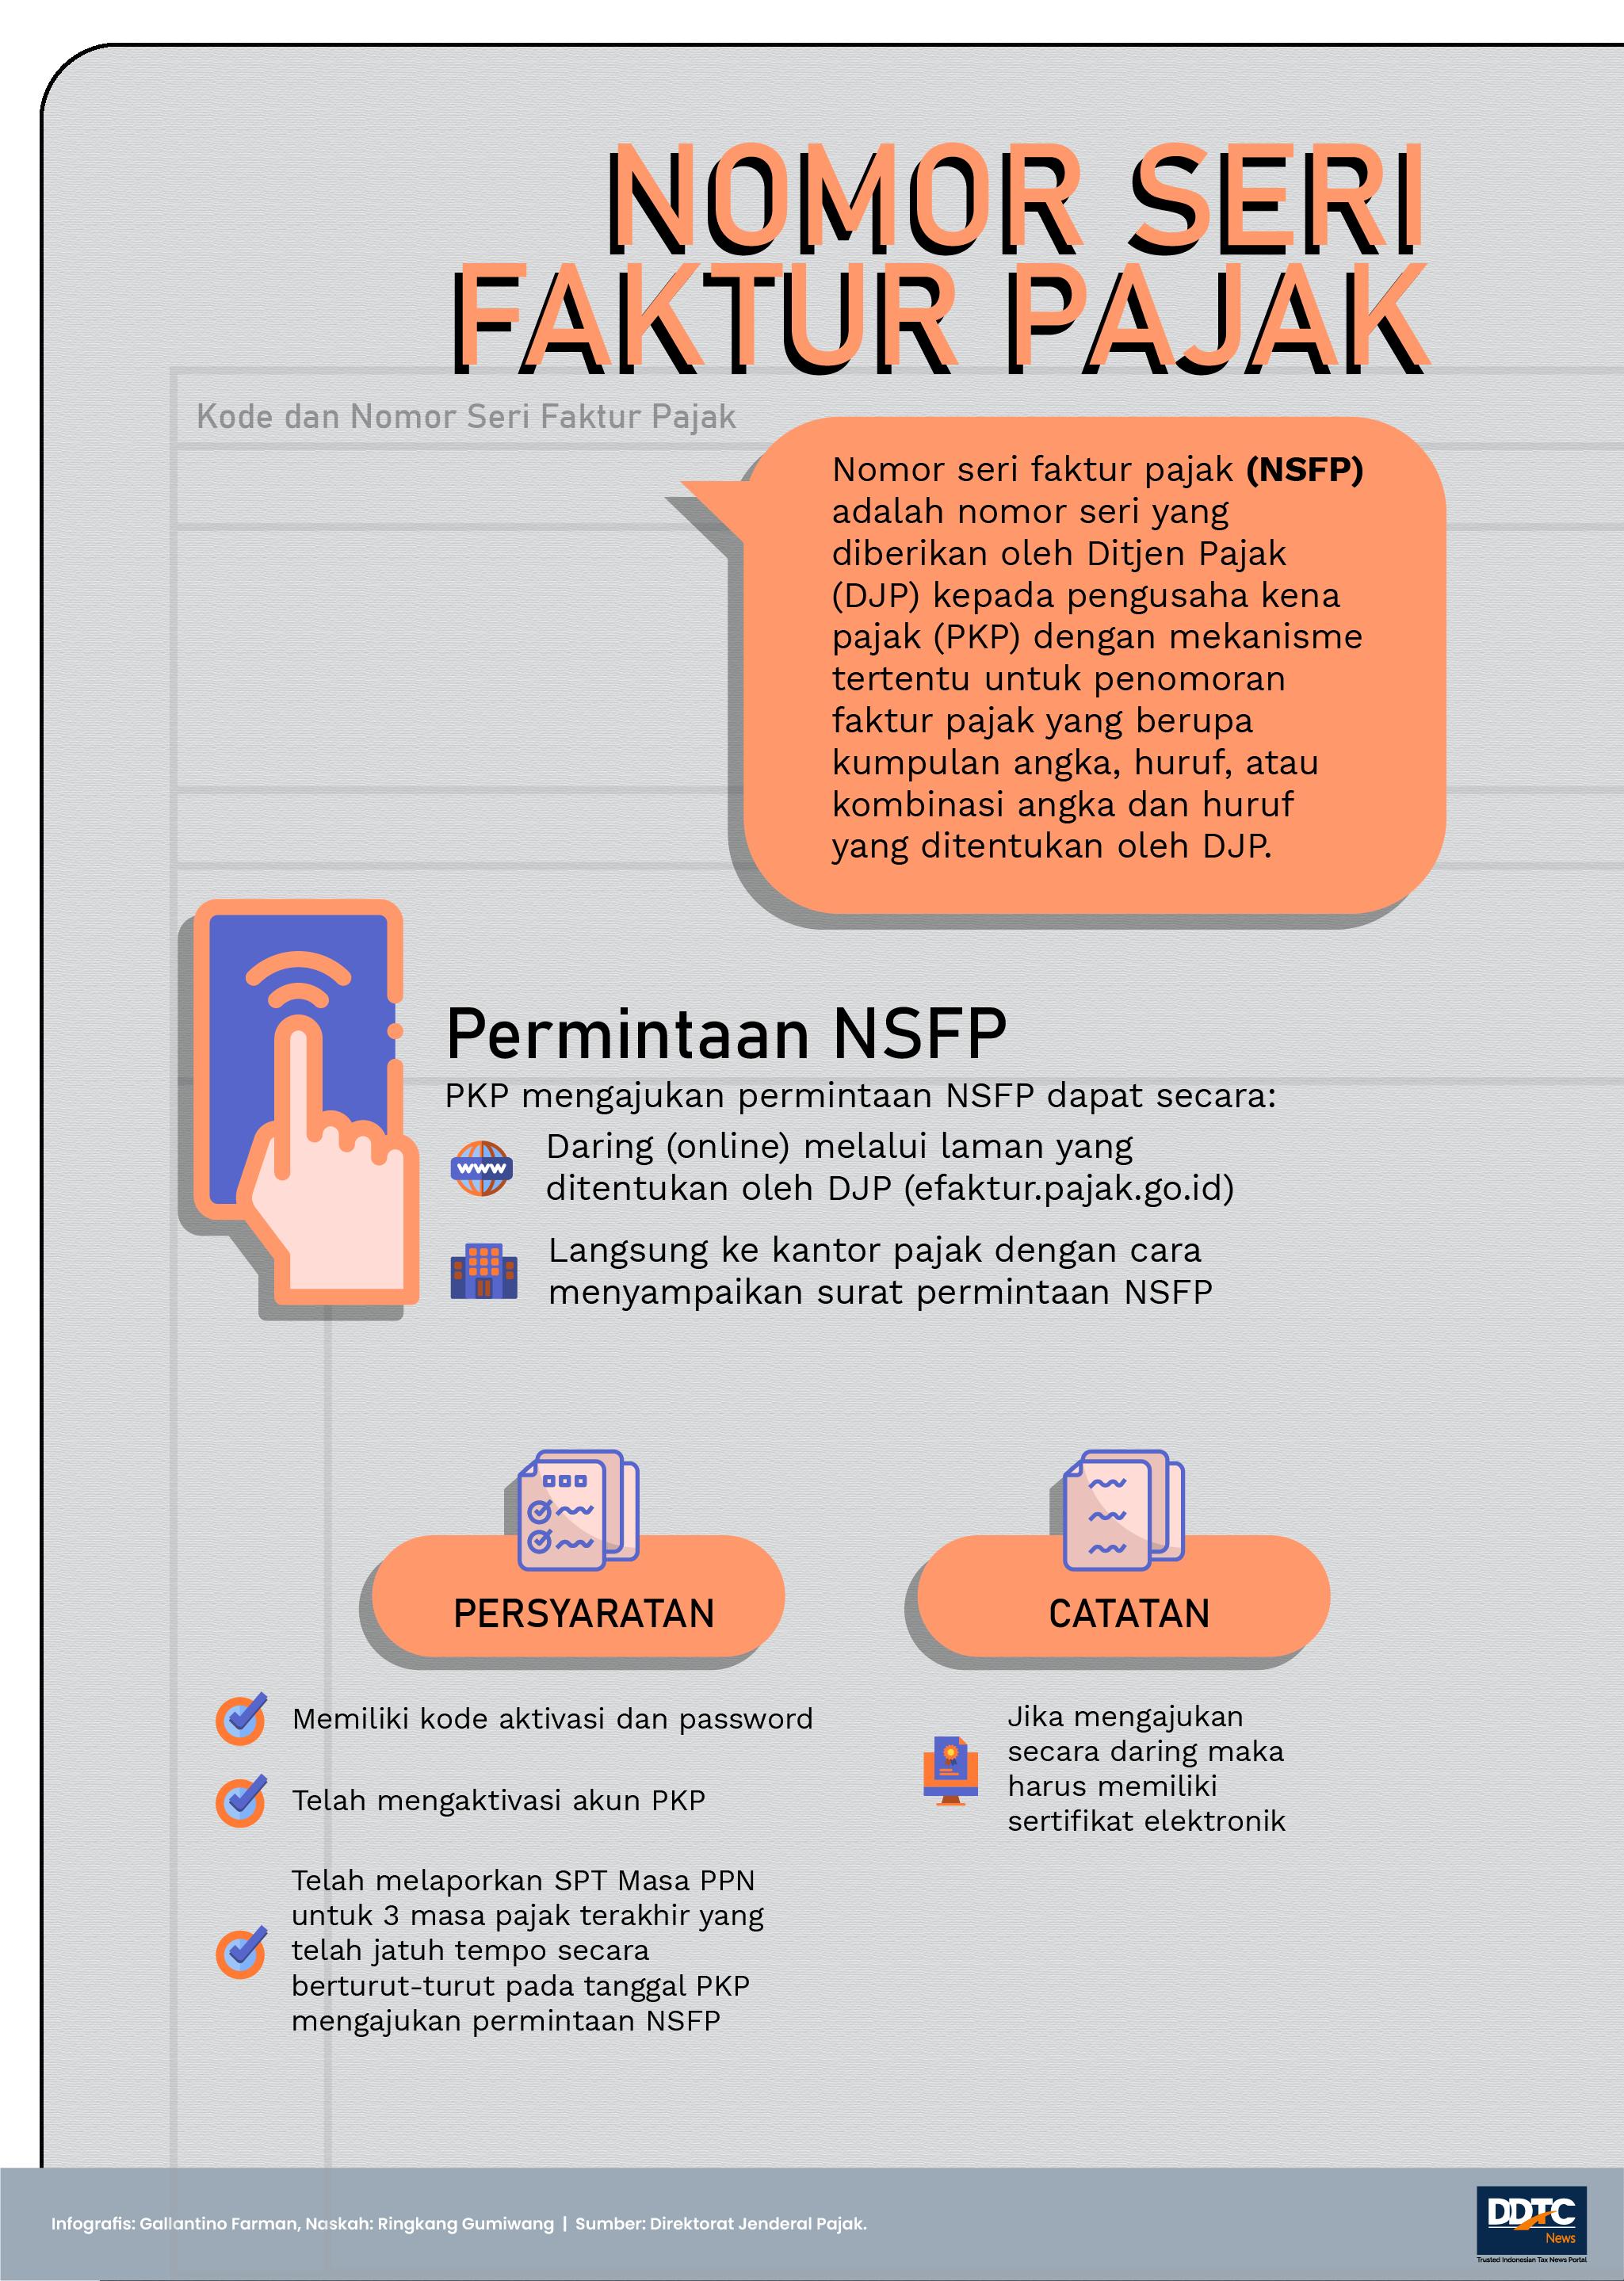 Cara Meminta Nomor Seri Faktur Pajak ke DJP